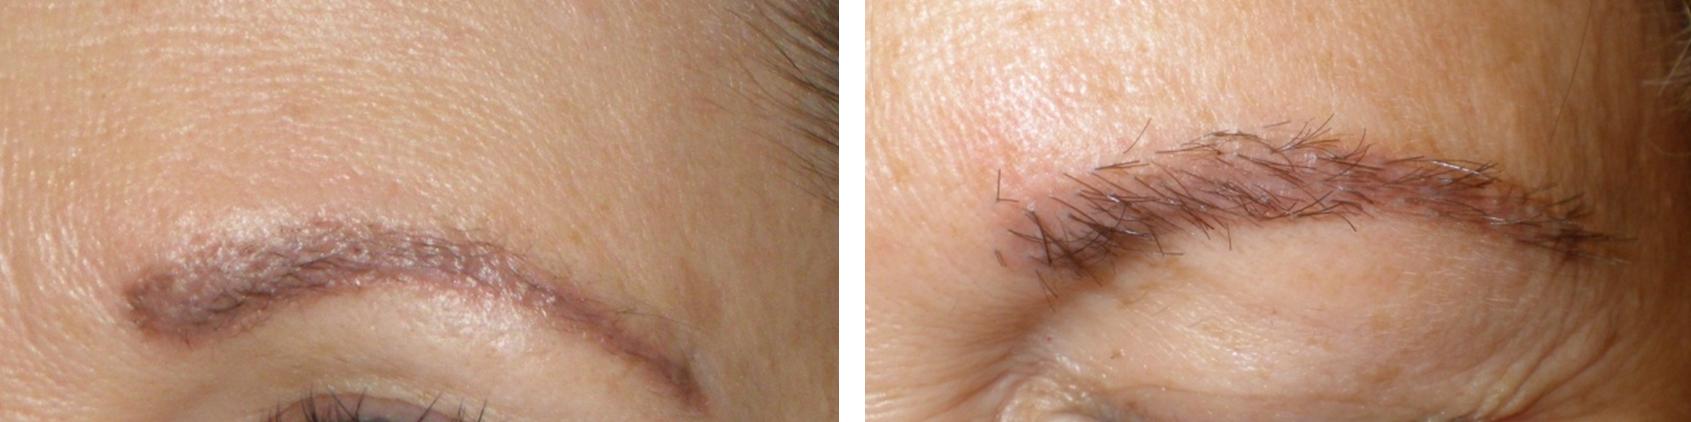 Szemöldök beültetés előtt és után. Fotó: dr. Novoth - dr. Végh